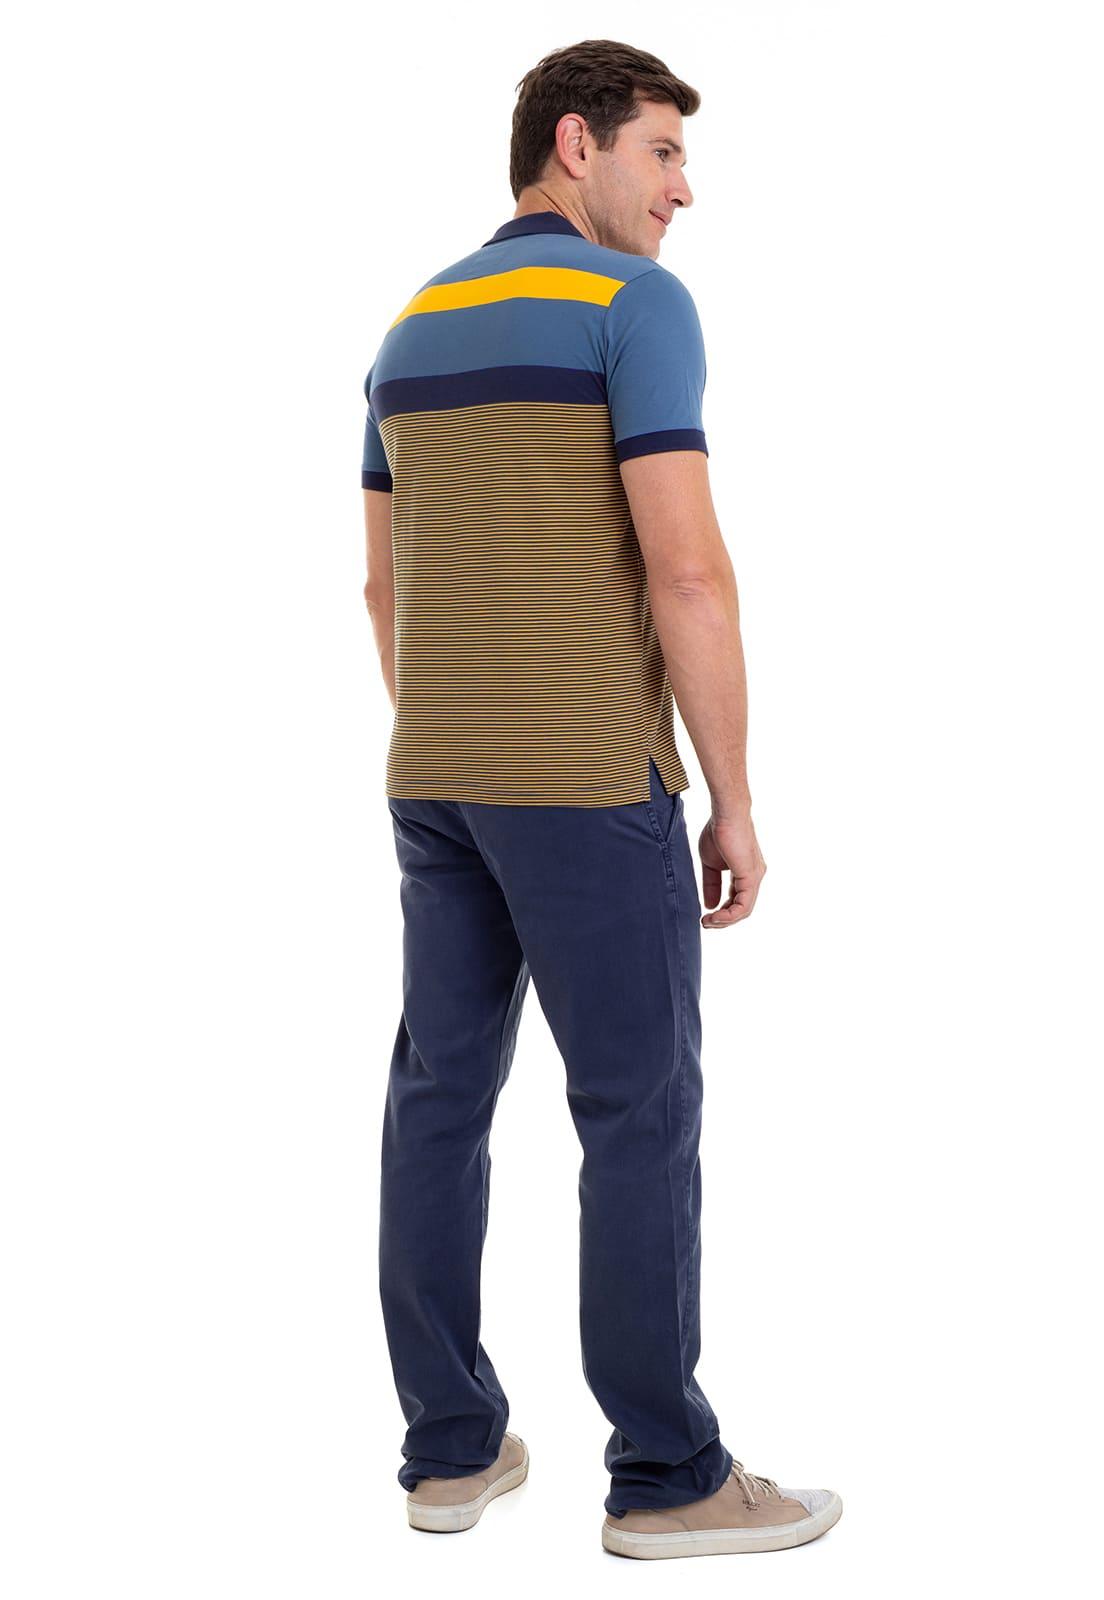 Camisa Polo Masculina Hifen Listrada Fio Tinto 100% Algodão